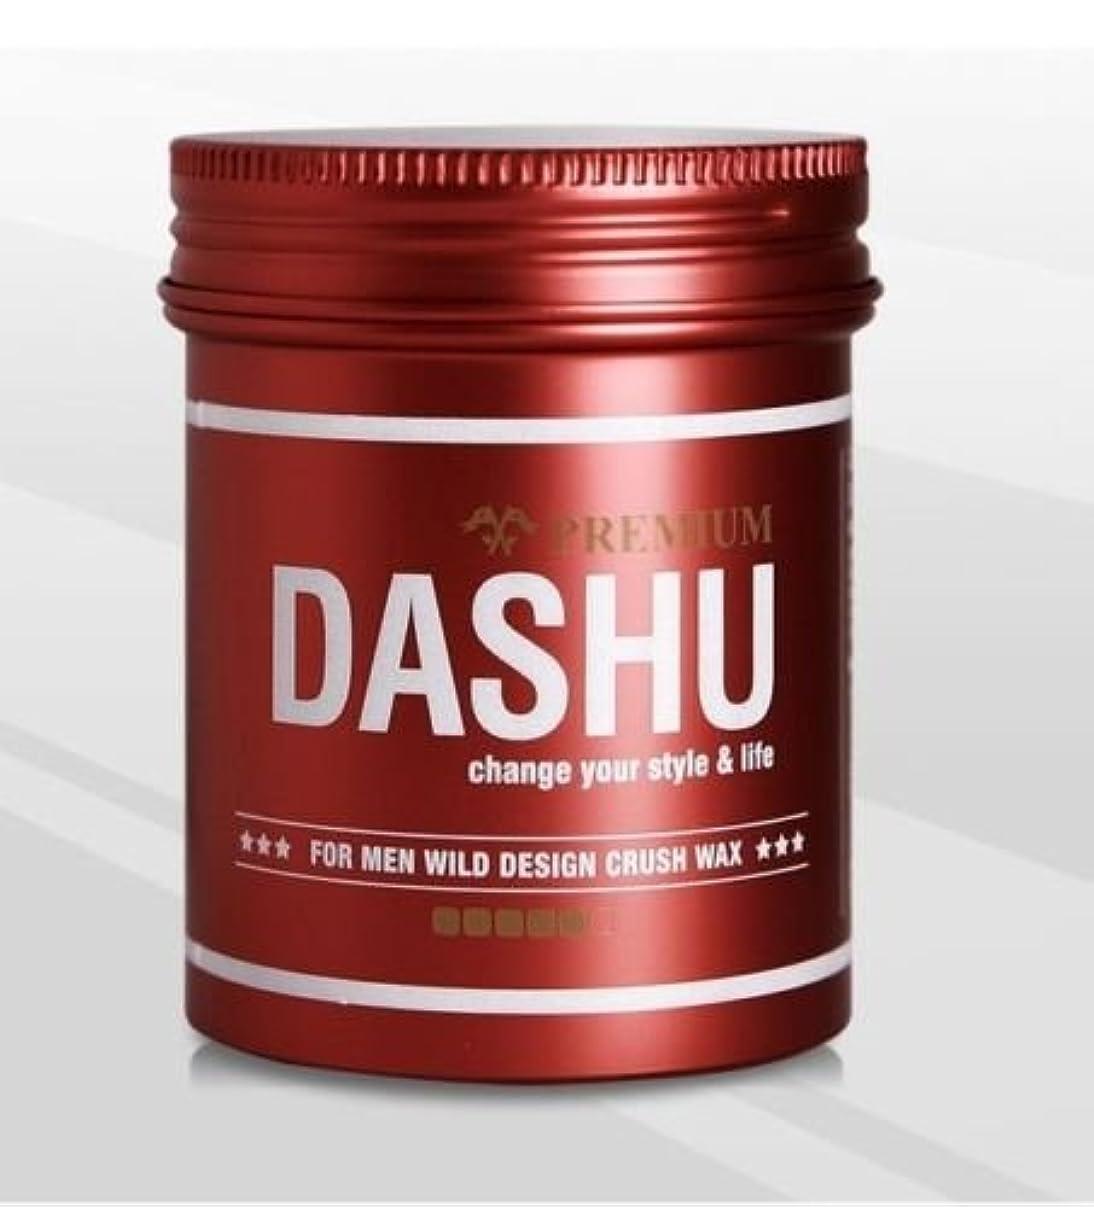 実用的高い仲間[DASHU] ダシュ For Men男性用 プレミアムワイルドデザインクラッシュワックス Premium Wild Design Crush Hair Wax 100ml / 韓国製 . 韓国直送品